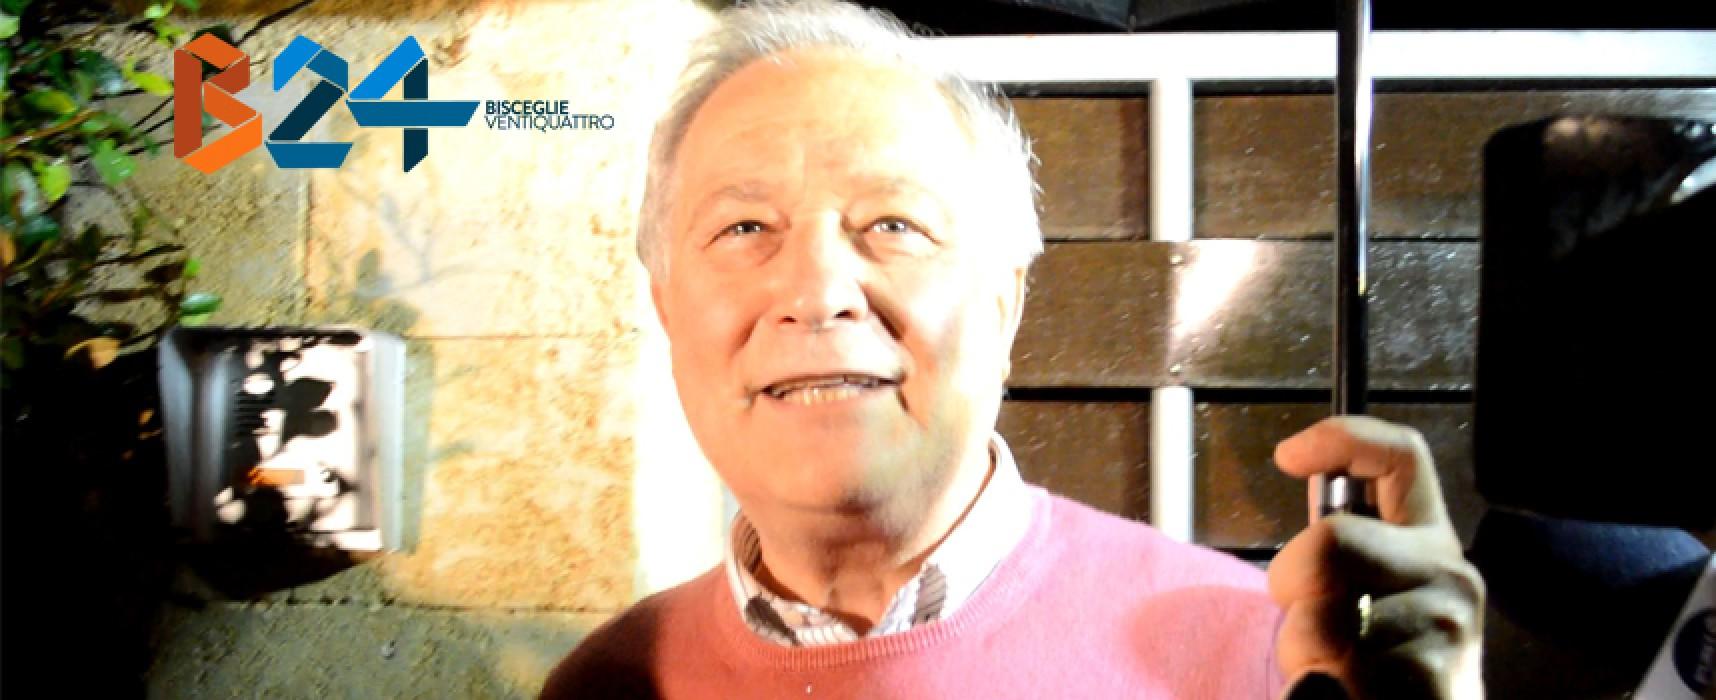 Raffaele Sollecito ha atteso la sentenza a Bisceglie, le dichiarazioni del padre Francesco / VIDEO